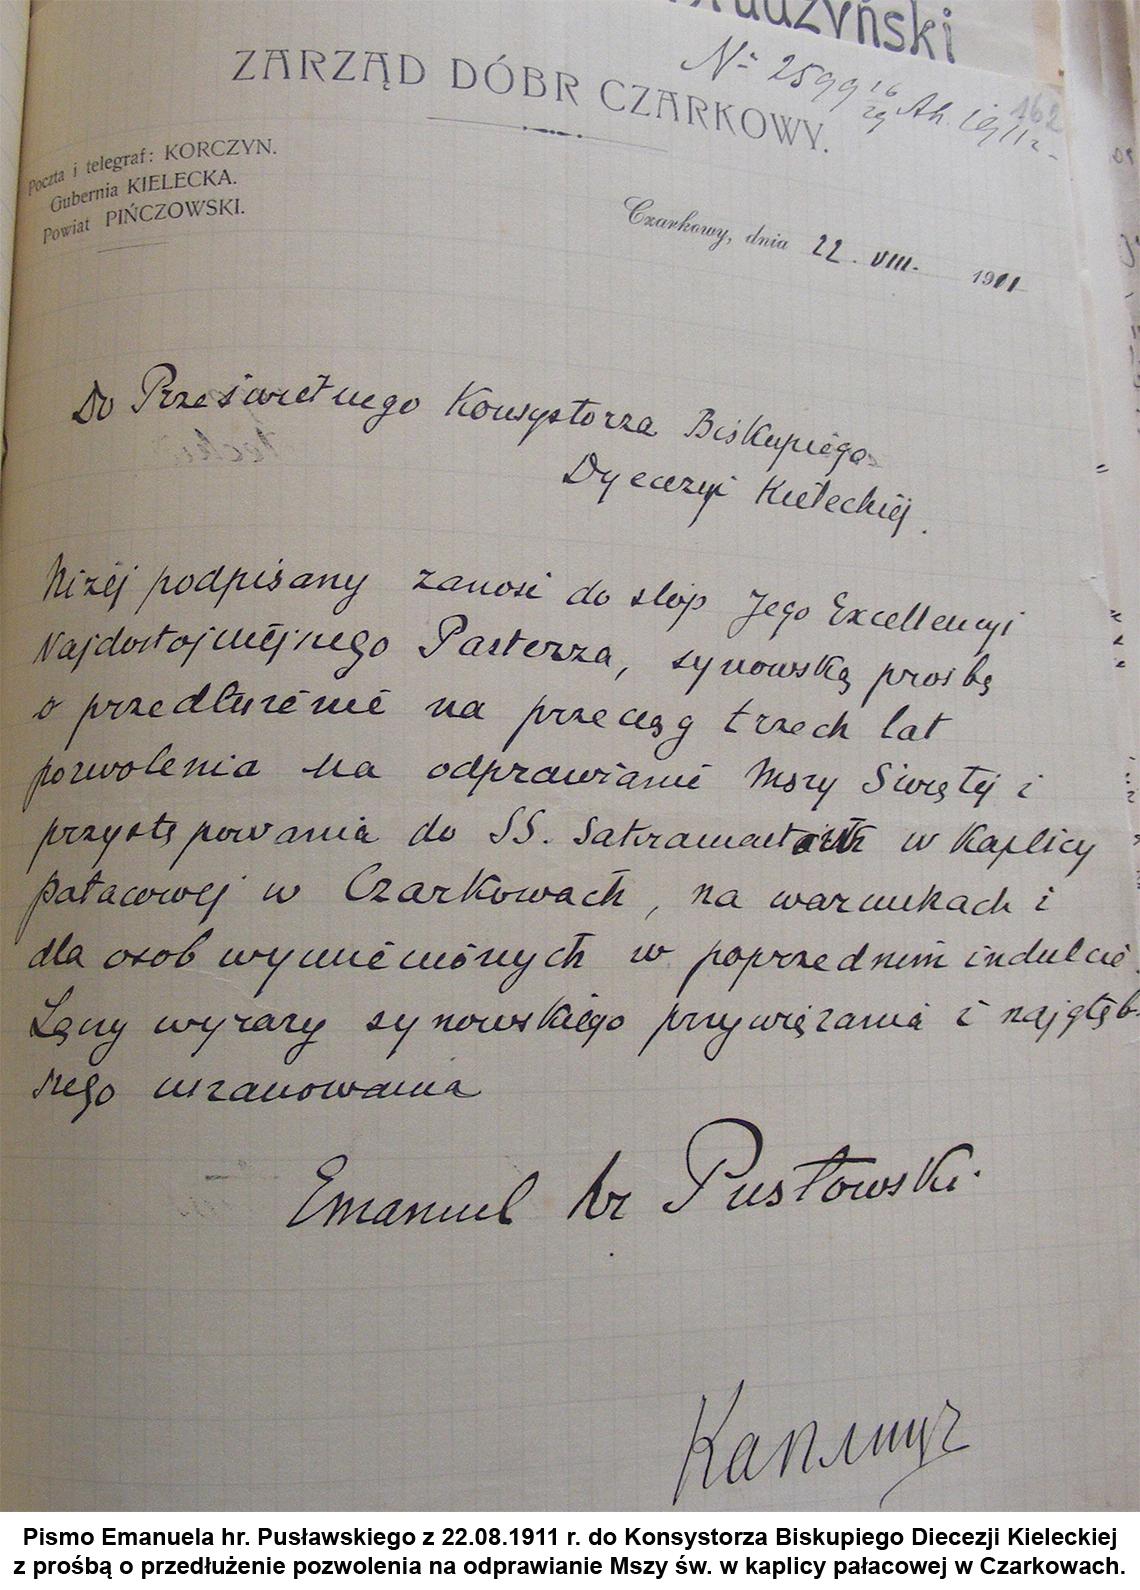 Pismo Emanuela hr. Pusławskiego z 22.08.1911 r. do Konsystorza Biskupiego Diecezji Kieleckiej z prośbą o przedłużenie pozwolenia na odprawianie Mszy św. w kaplicy pałacowej w Czarkowach.